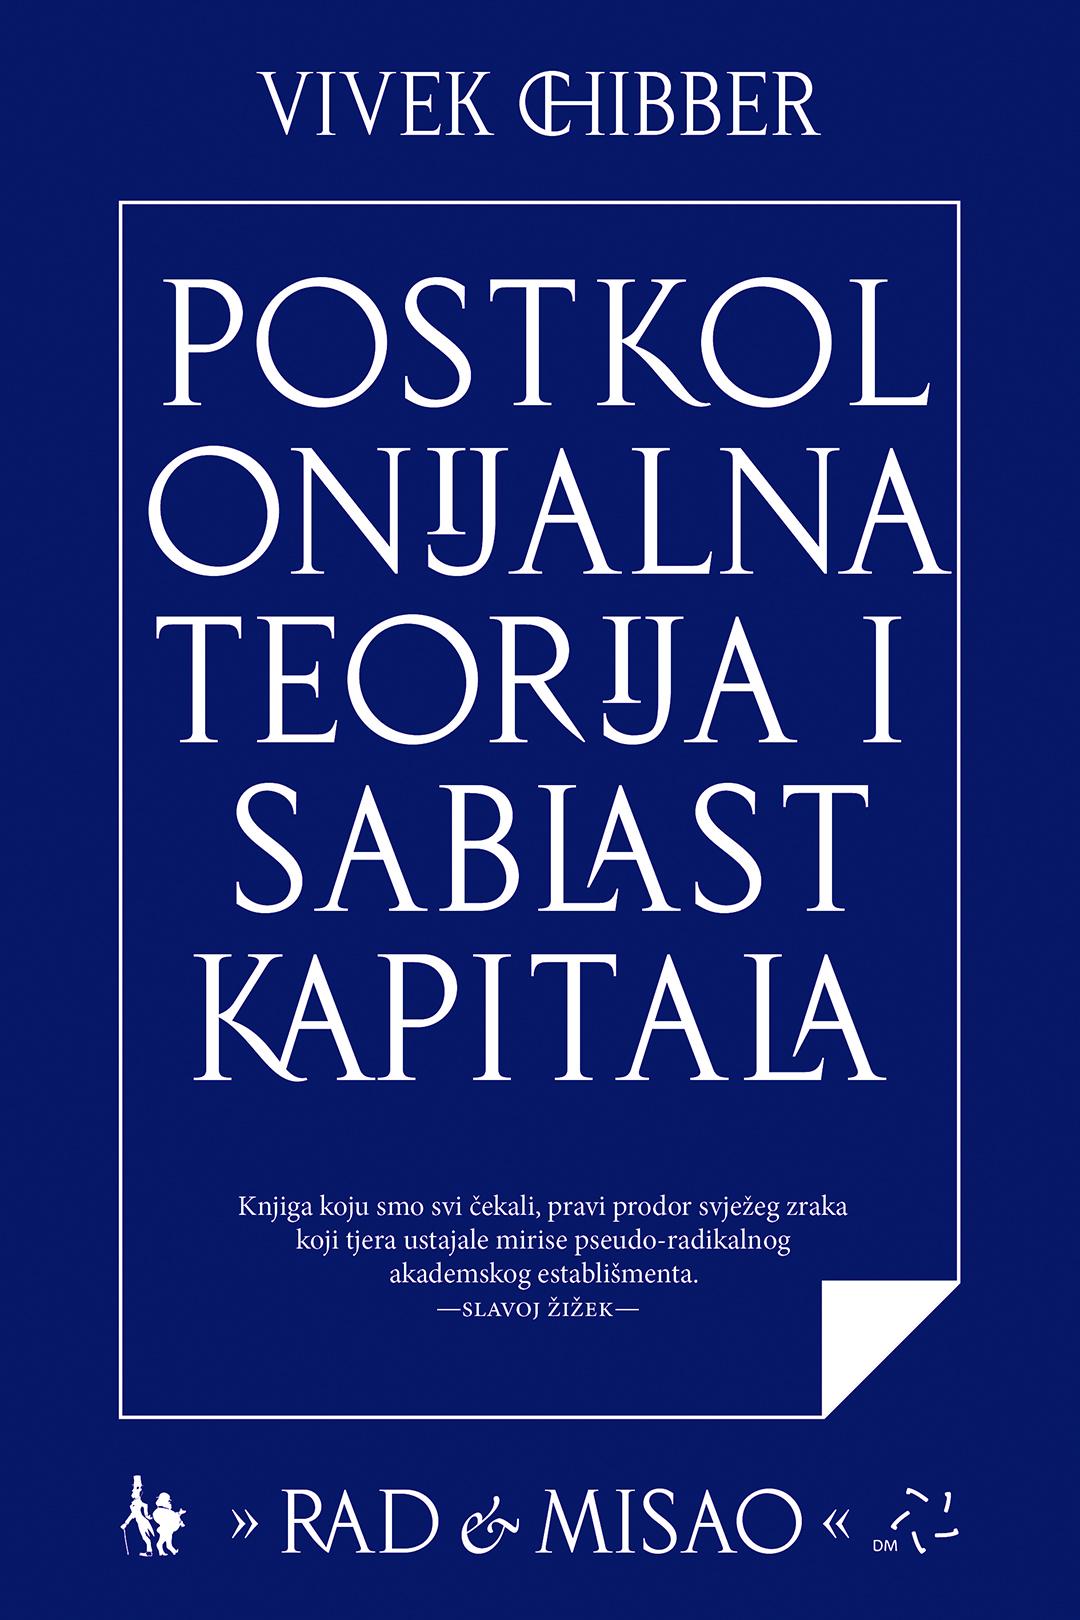 Vivek Chibber - Postkolonijalna teorija i sablast kapitala